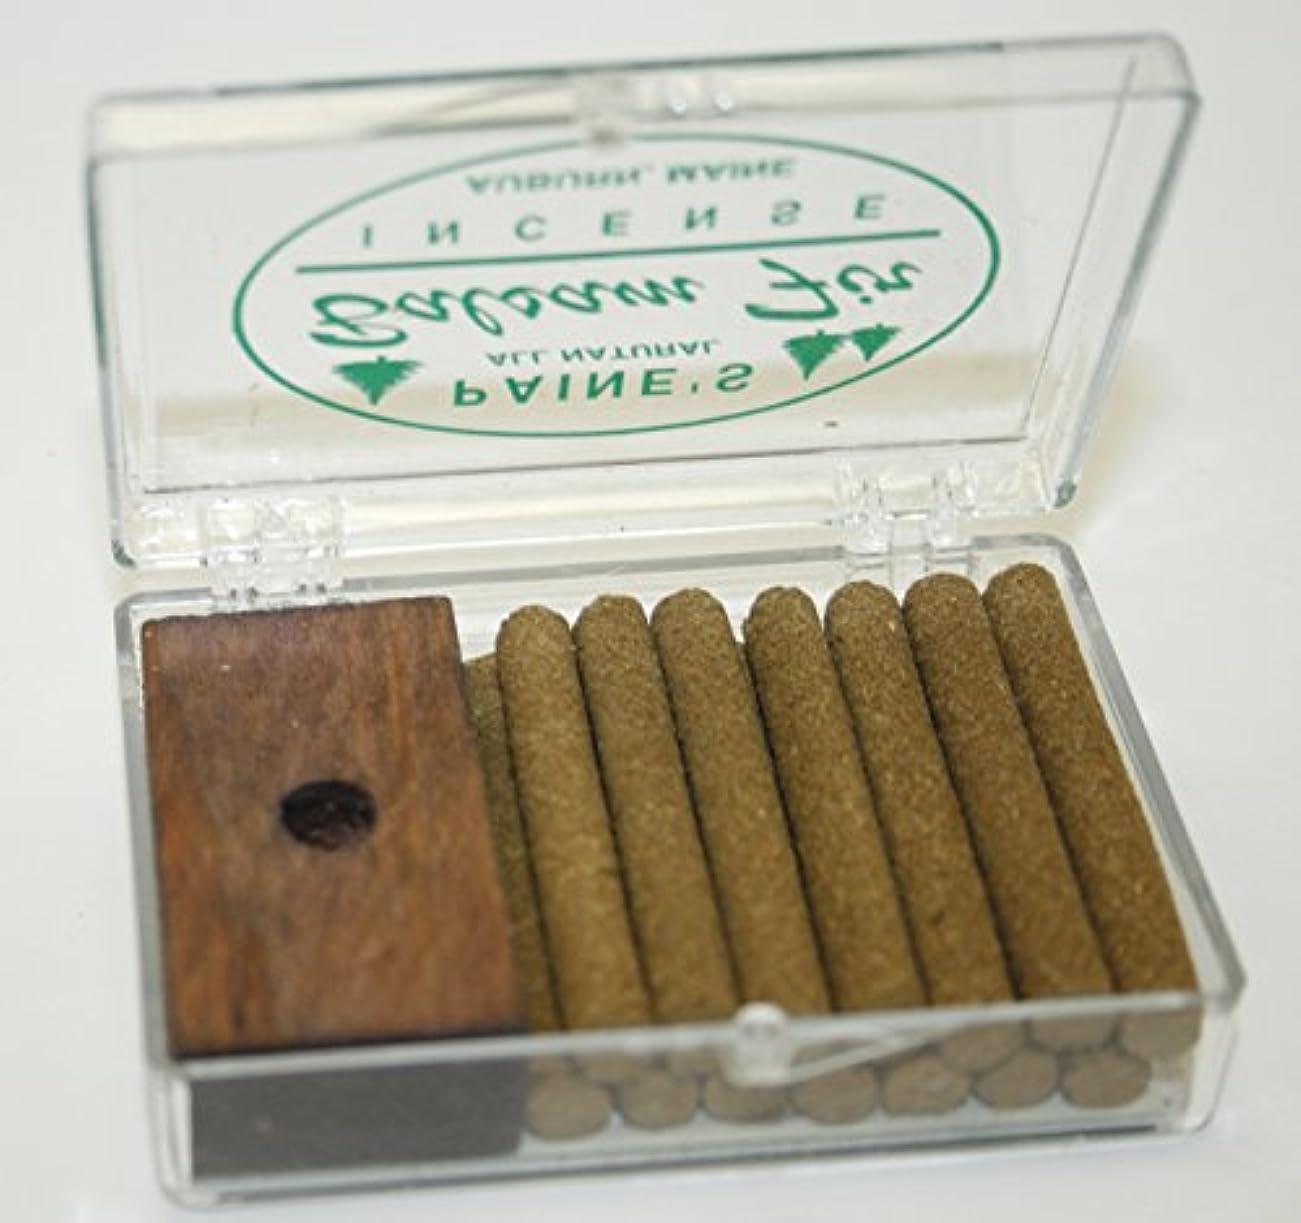 承認する扱う指定するINCENSE & BURNER comes w/ 14 balsam fir sticks Paine's wood holder lodge style by Paine's